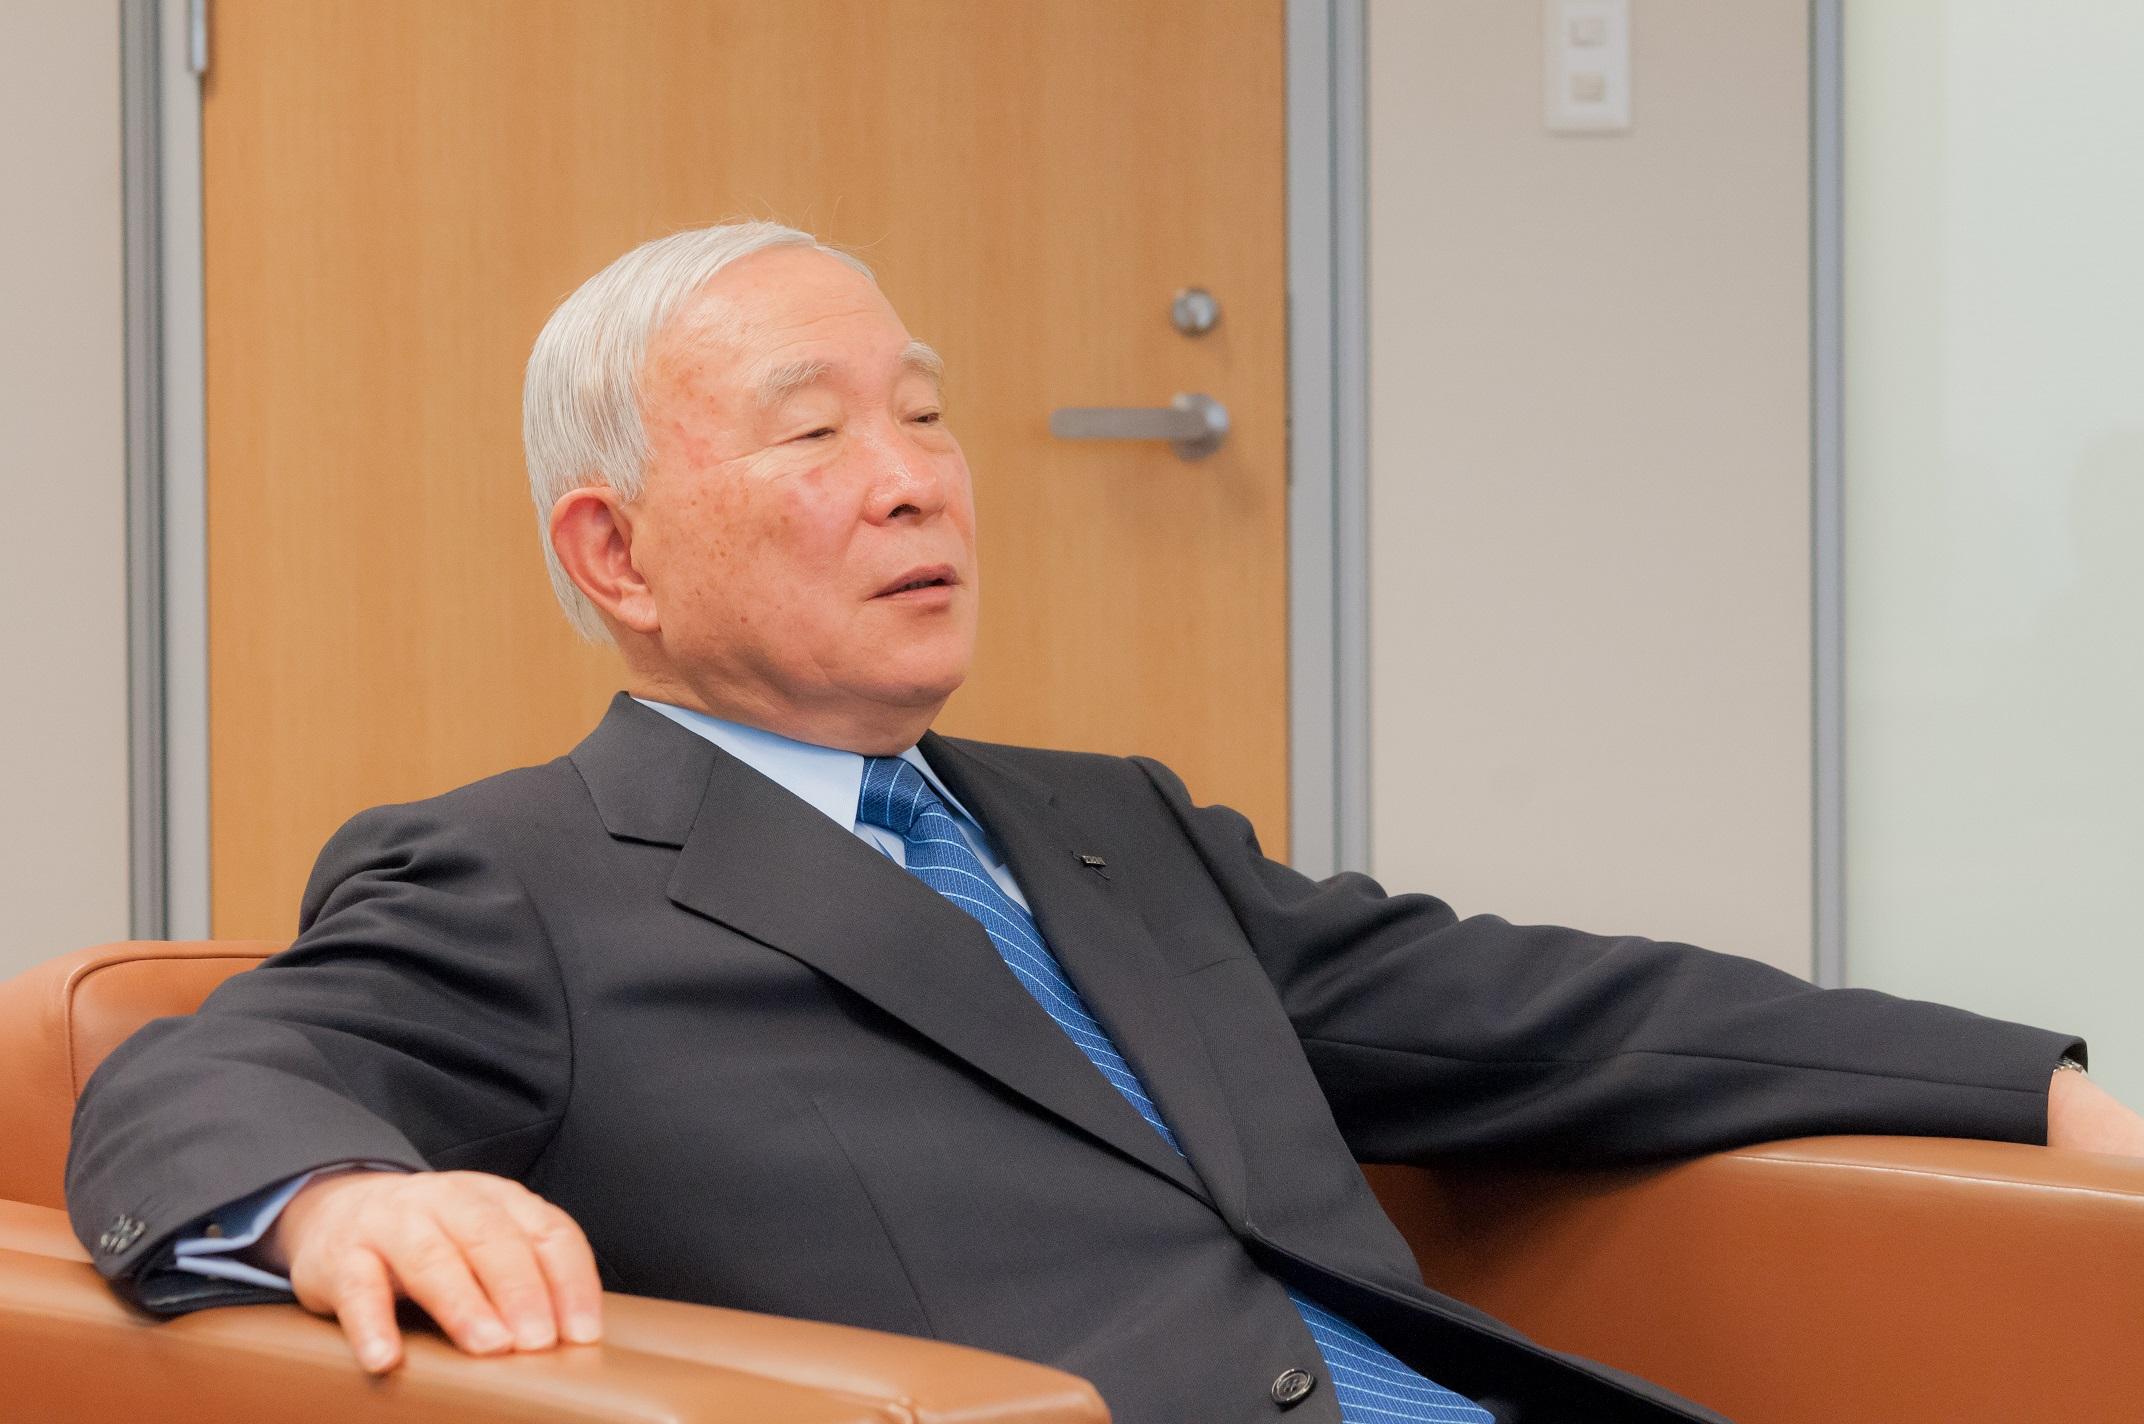 当社顧問の北城格太郎氏